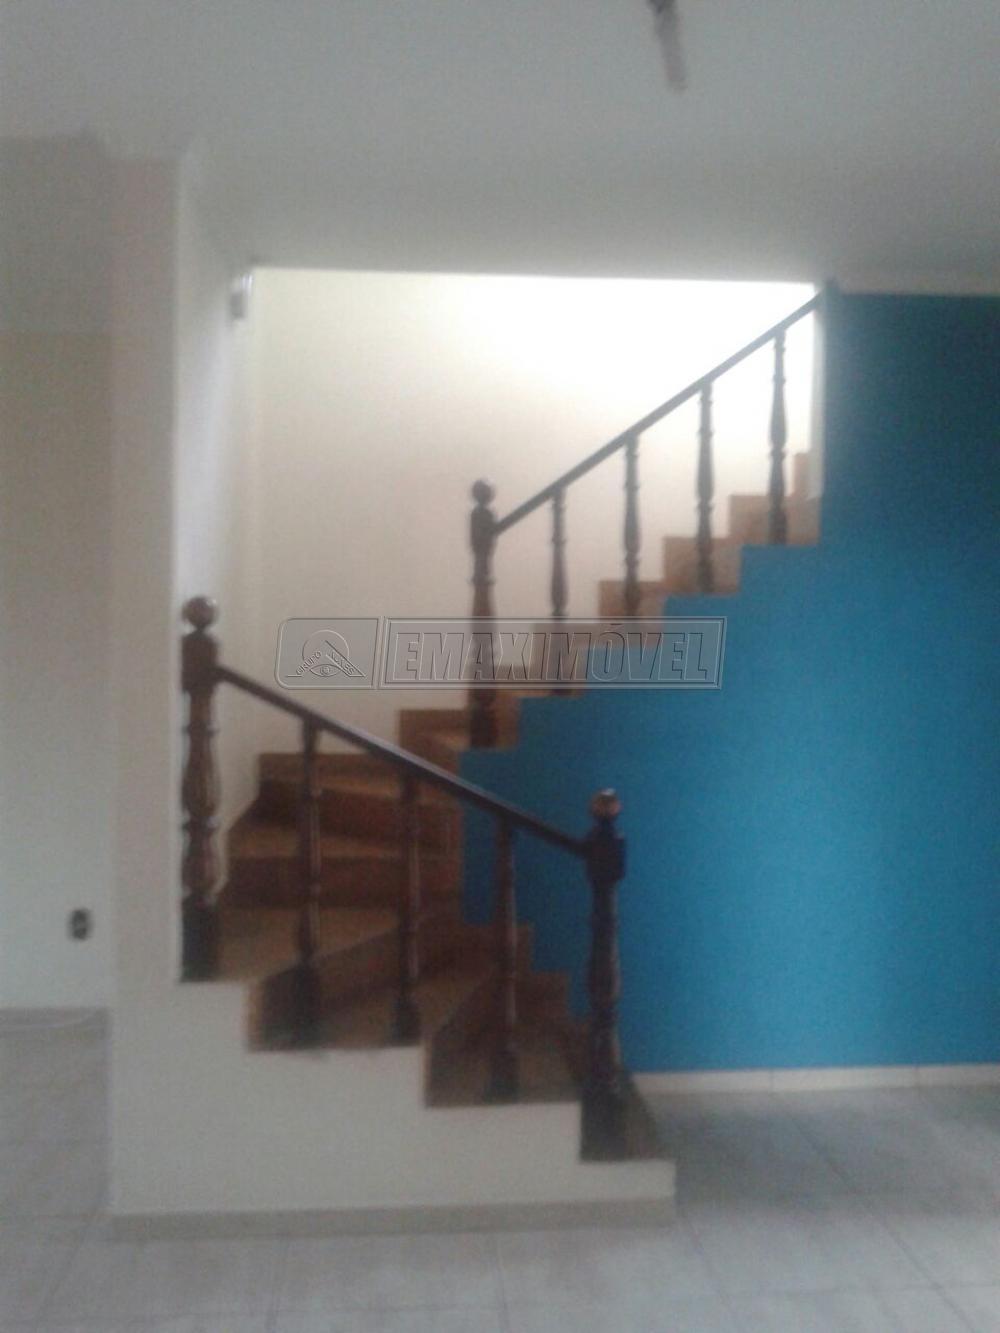 Comprar Comercial / Imóveis em Sorocaba R$ 550.000,00 - Foto 8